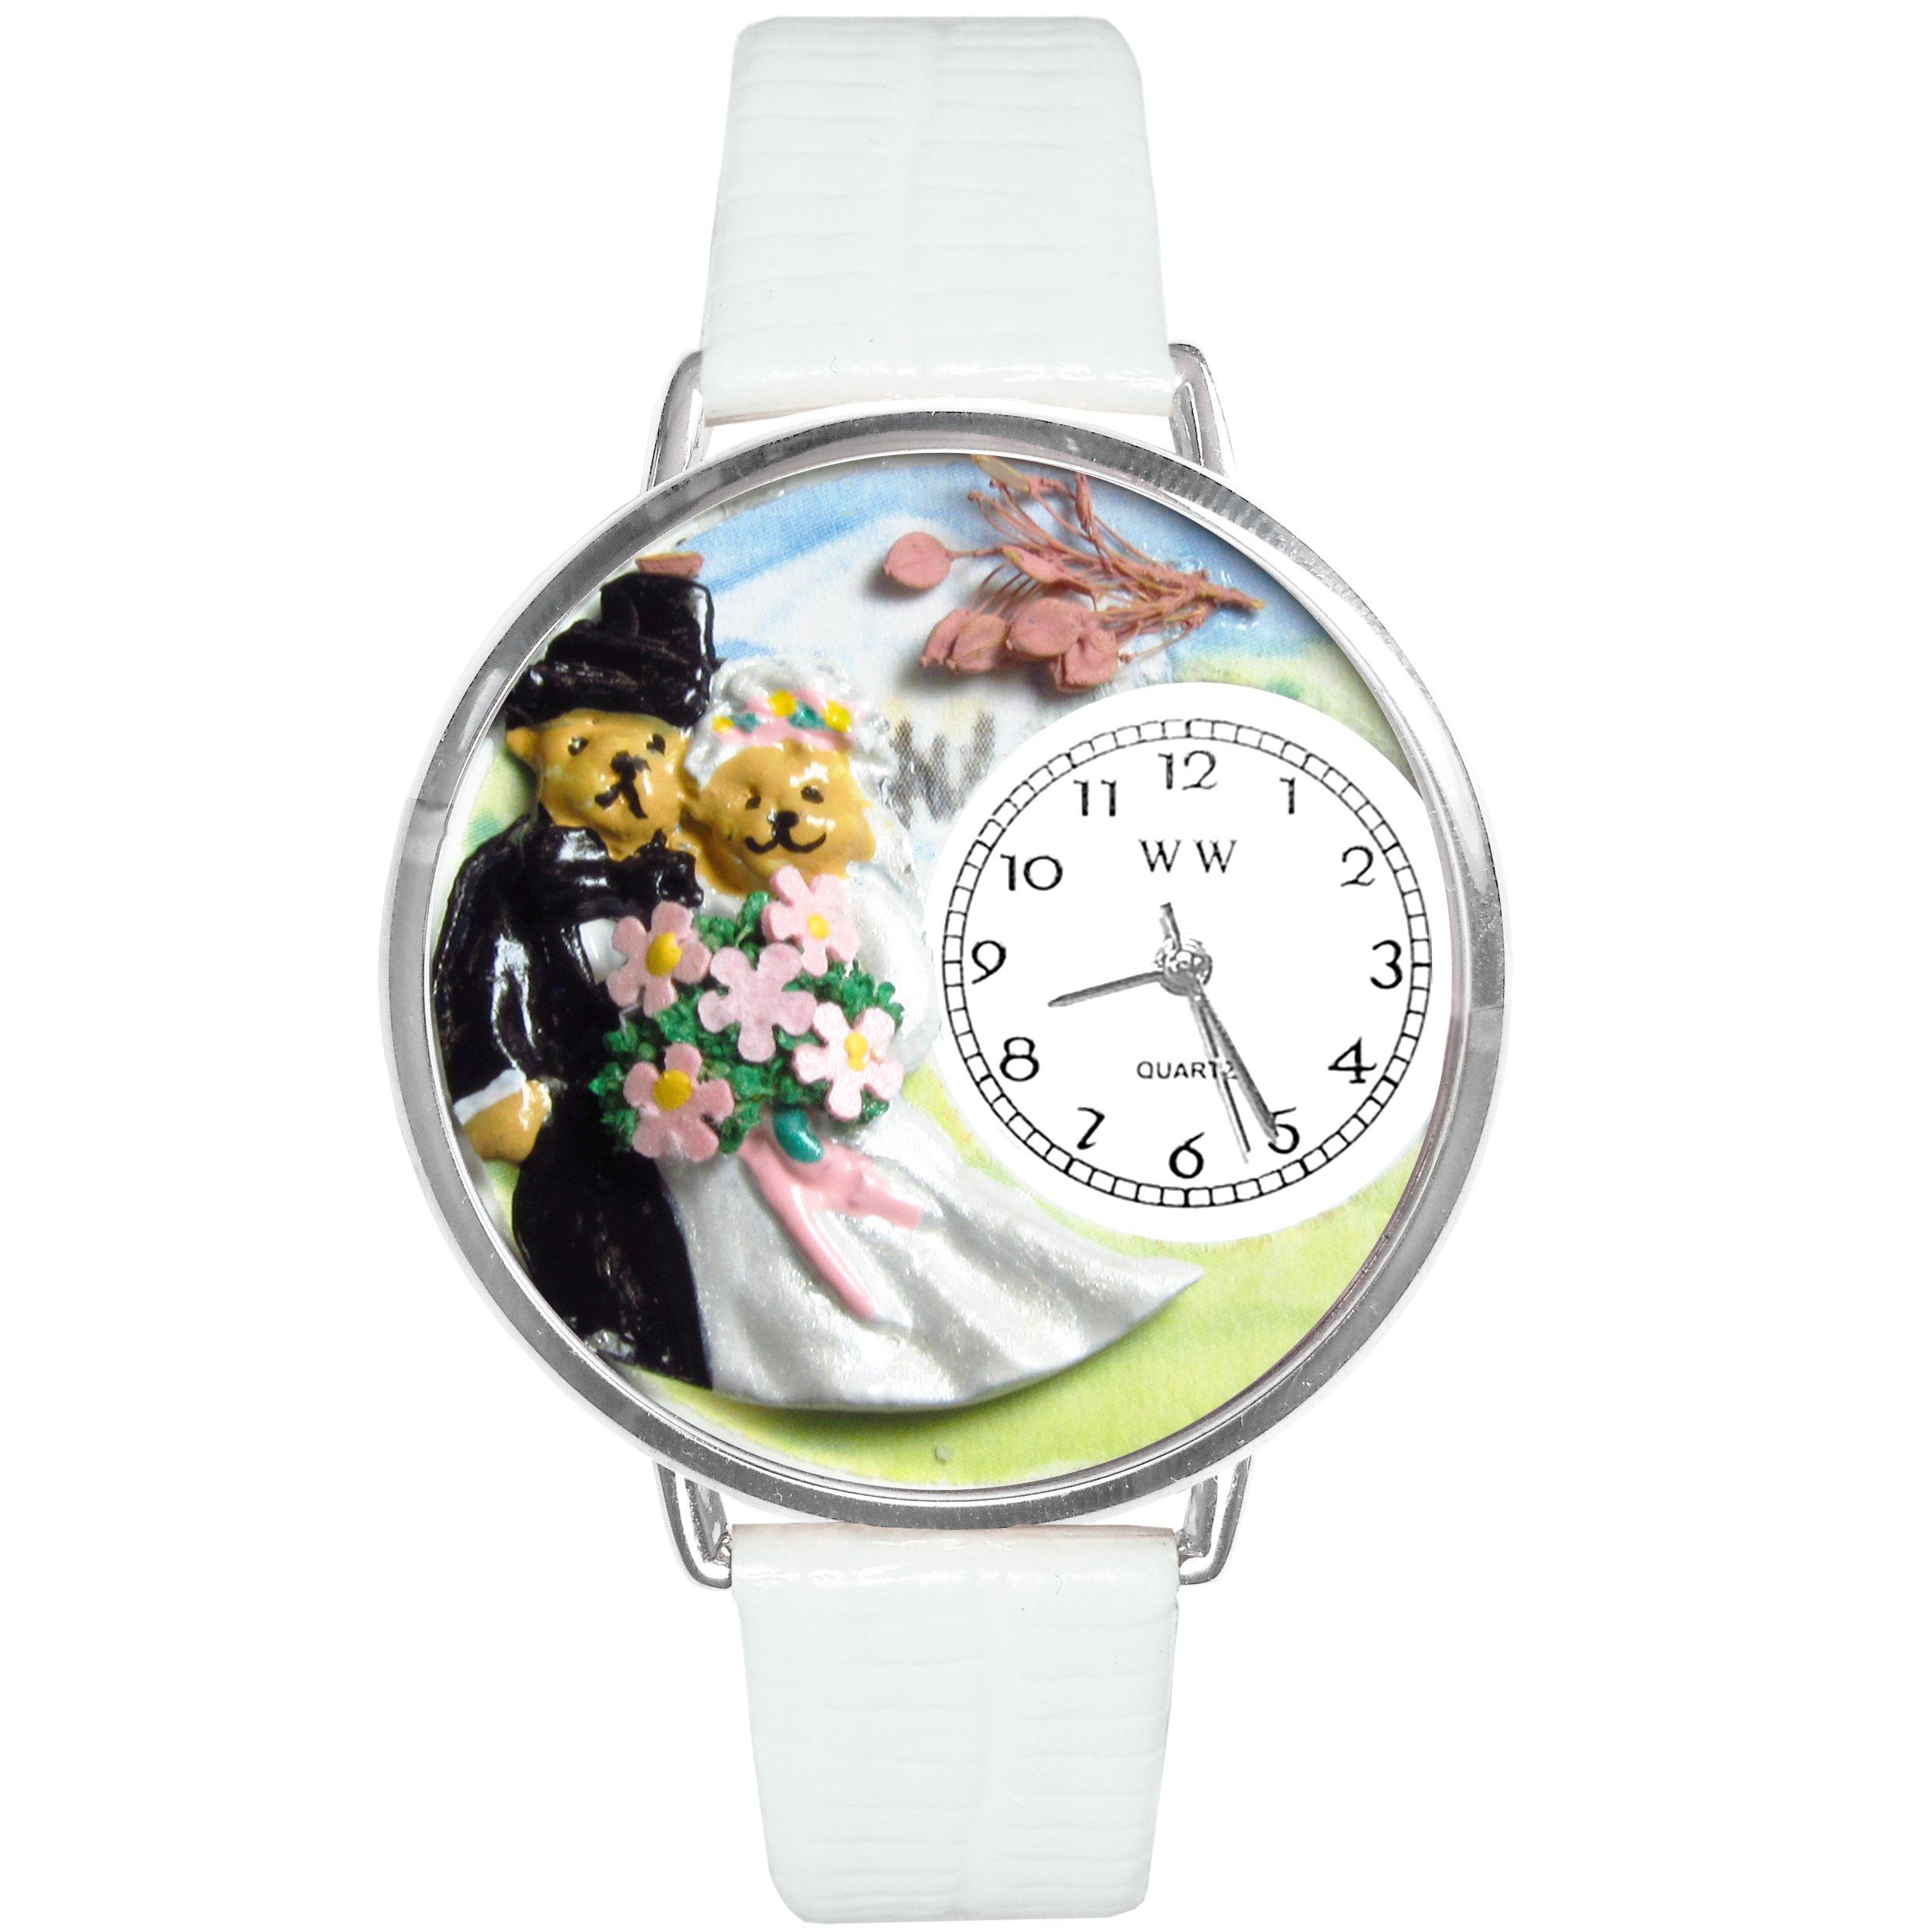 Teddy Bear Wedding White Leather And Silvertone Watch #WG-U1340002